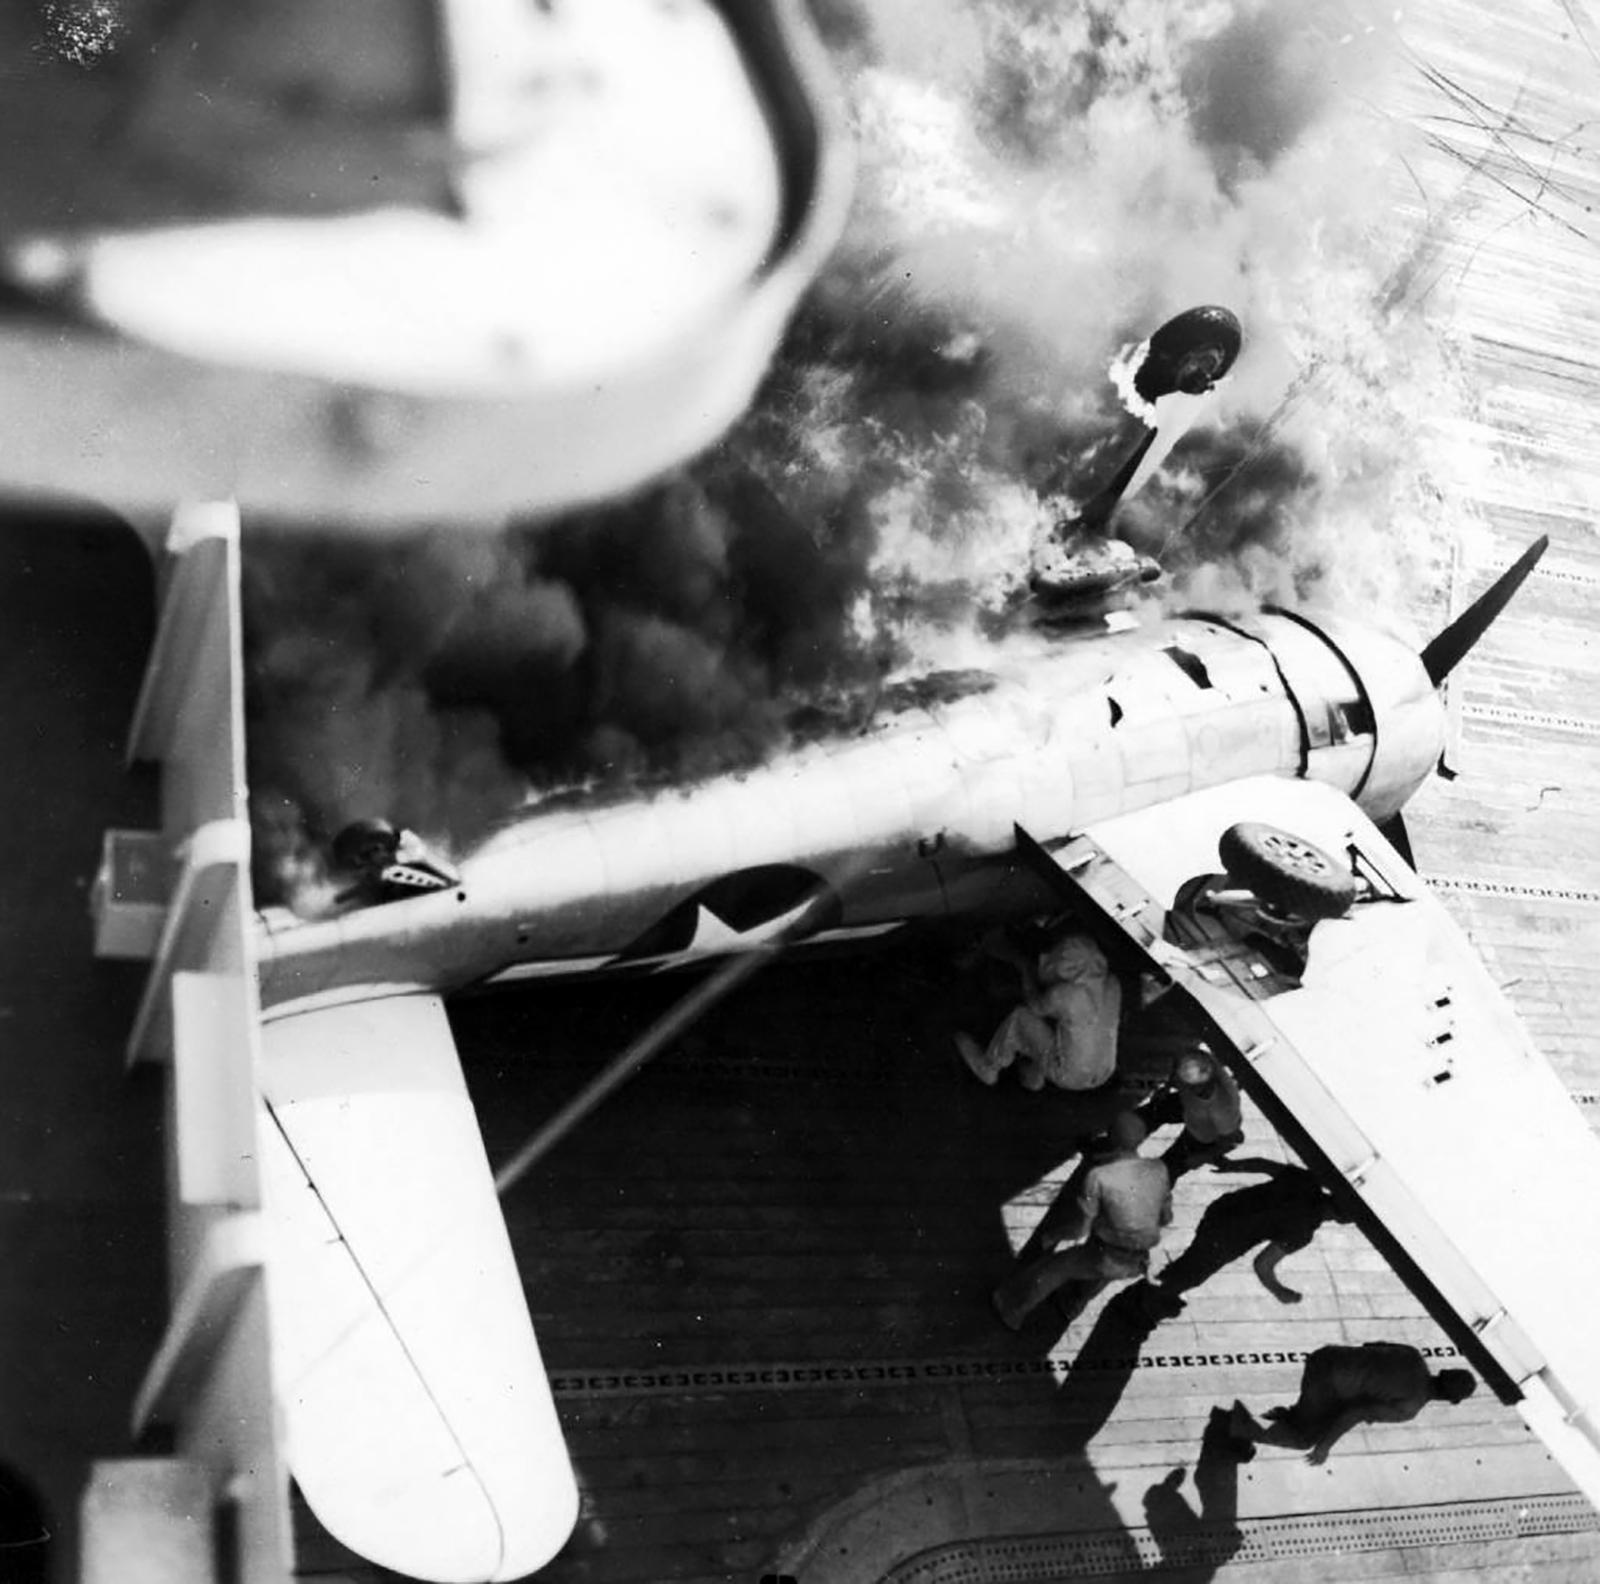 Grumman F6F 5 Hellcat VF 21 landing mishap CVL 24 USS Belleau Wood 1944 02